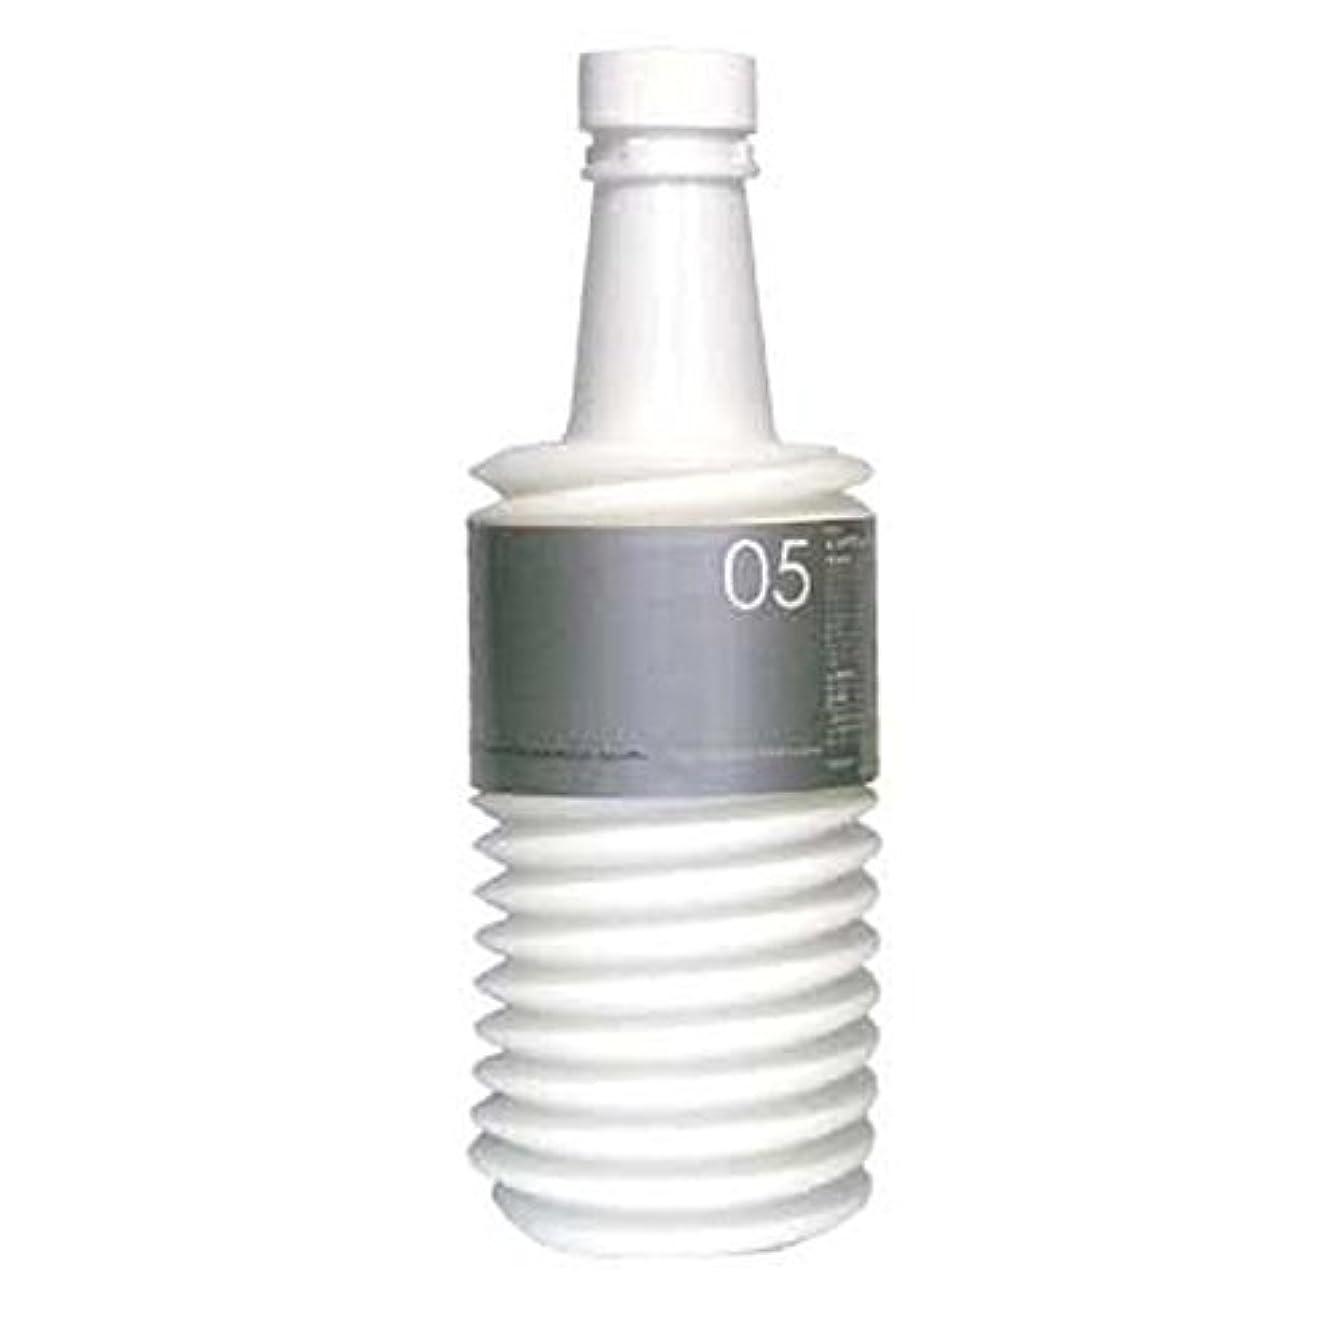 快適過剰アルコーブムコタ アデューラアイレ05 ヘアマスクトリートメントスムーサー 700g